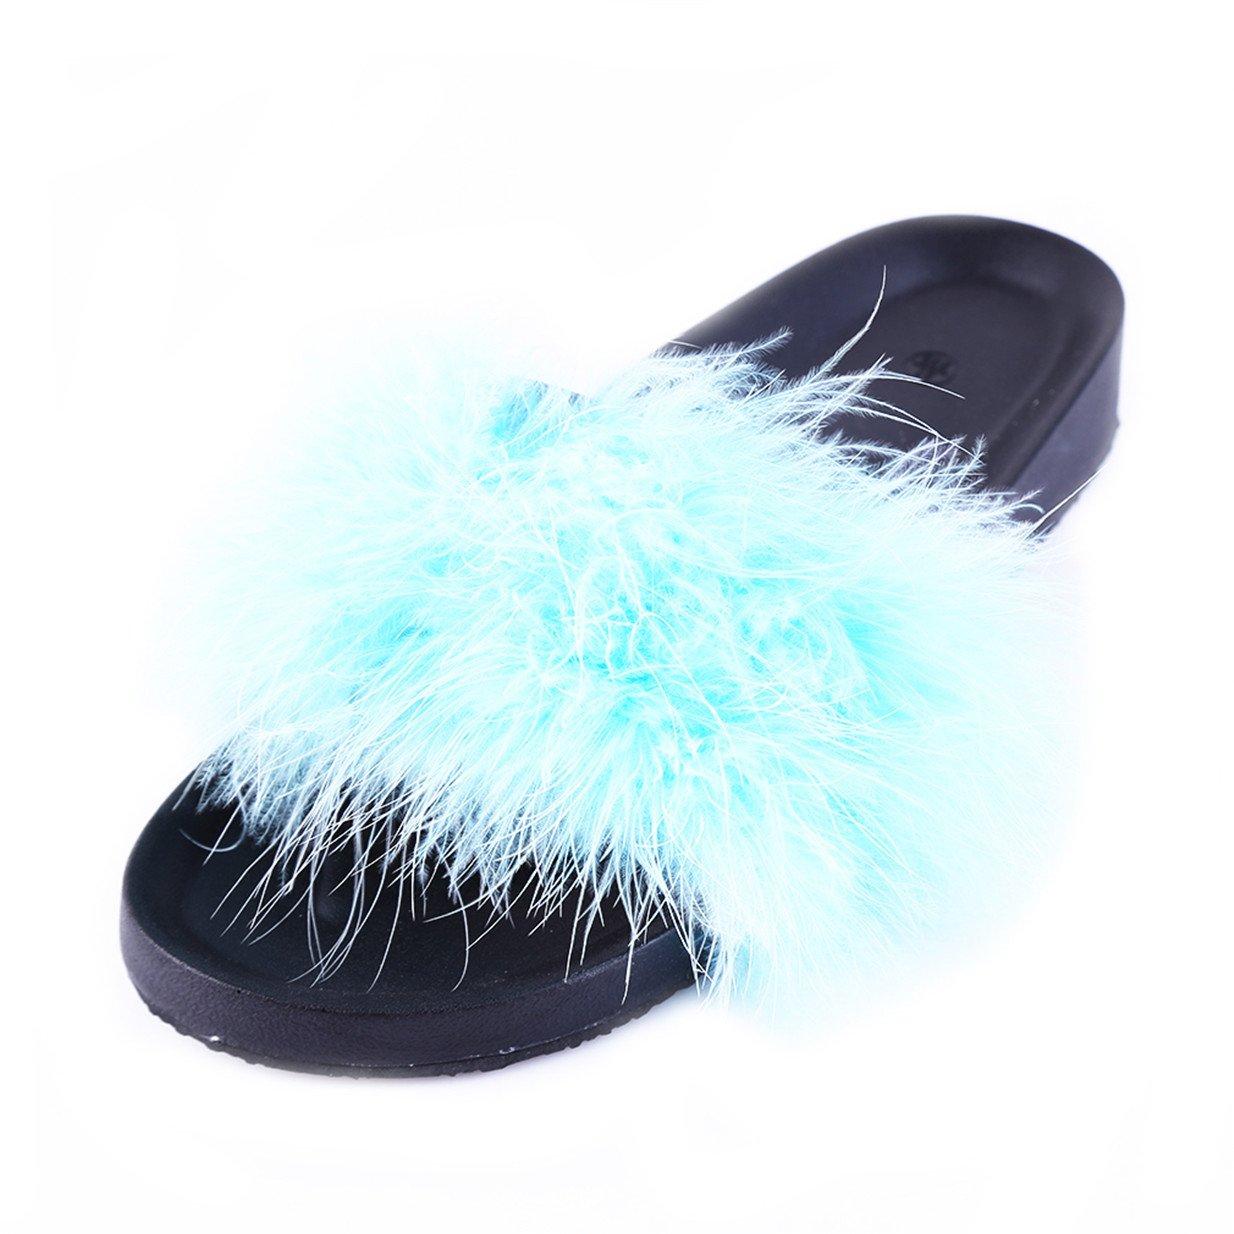 Lalang Frauen Schouml;n Gefieder Mouml;bel Schuhe Sandalen Slipper im Freien Flip-Flops Sandalen  37 EU|Blau